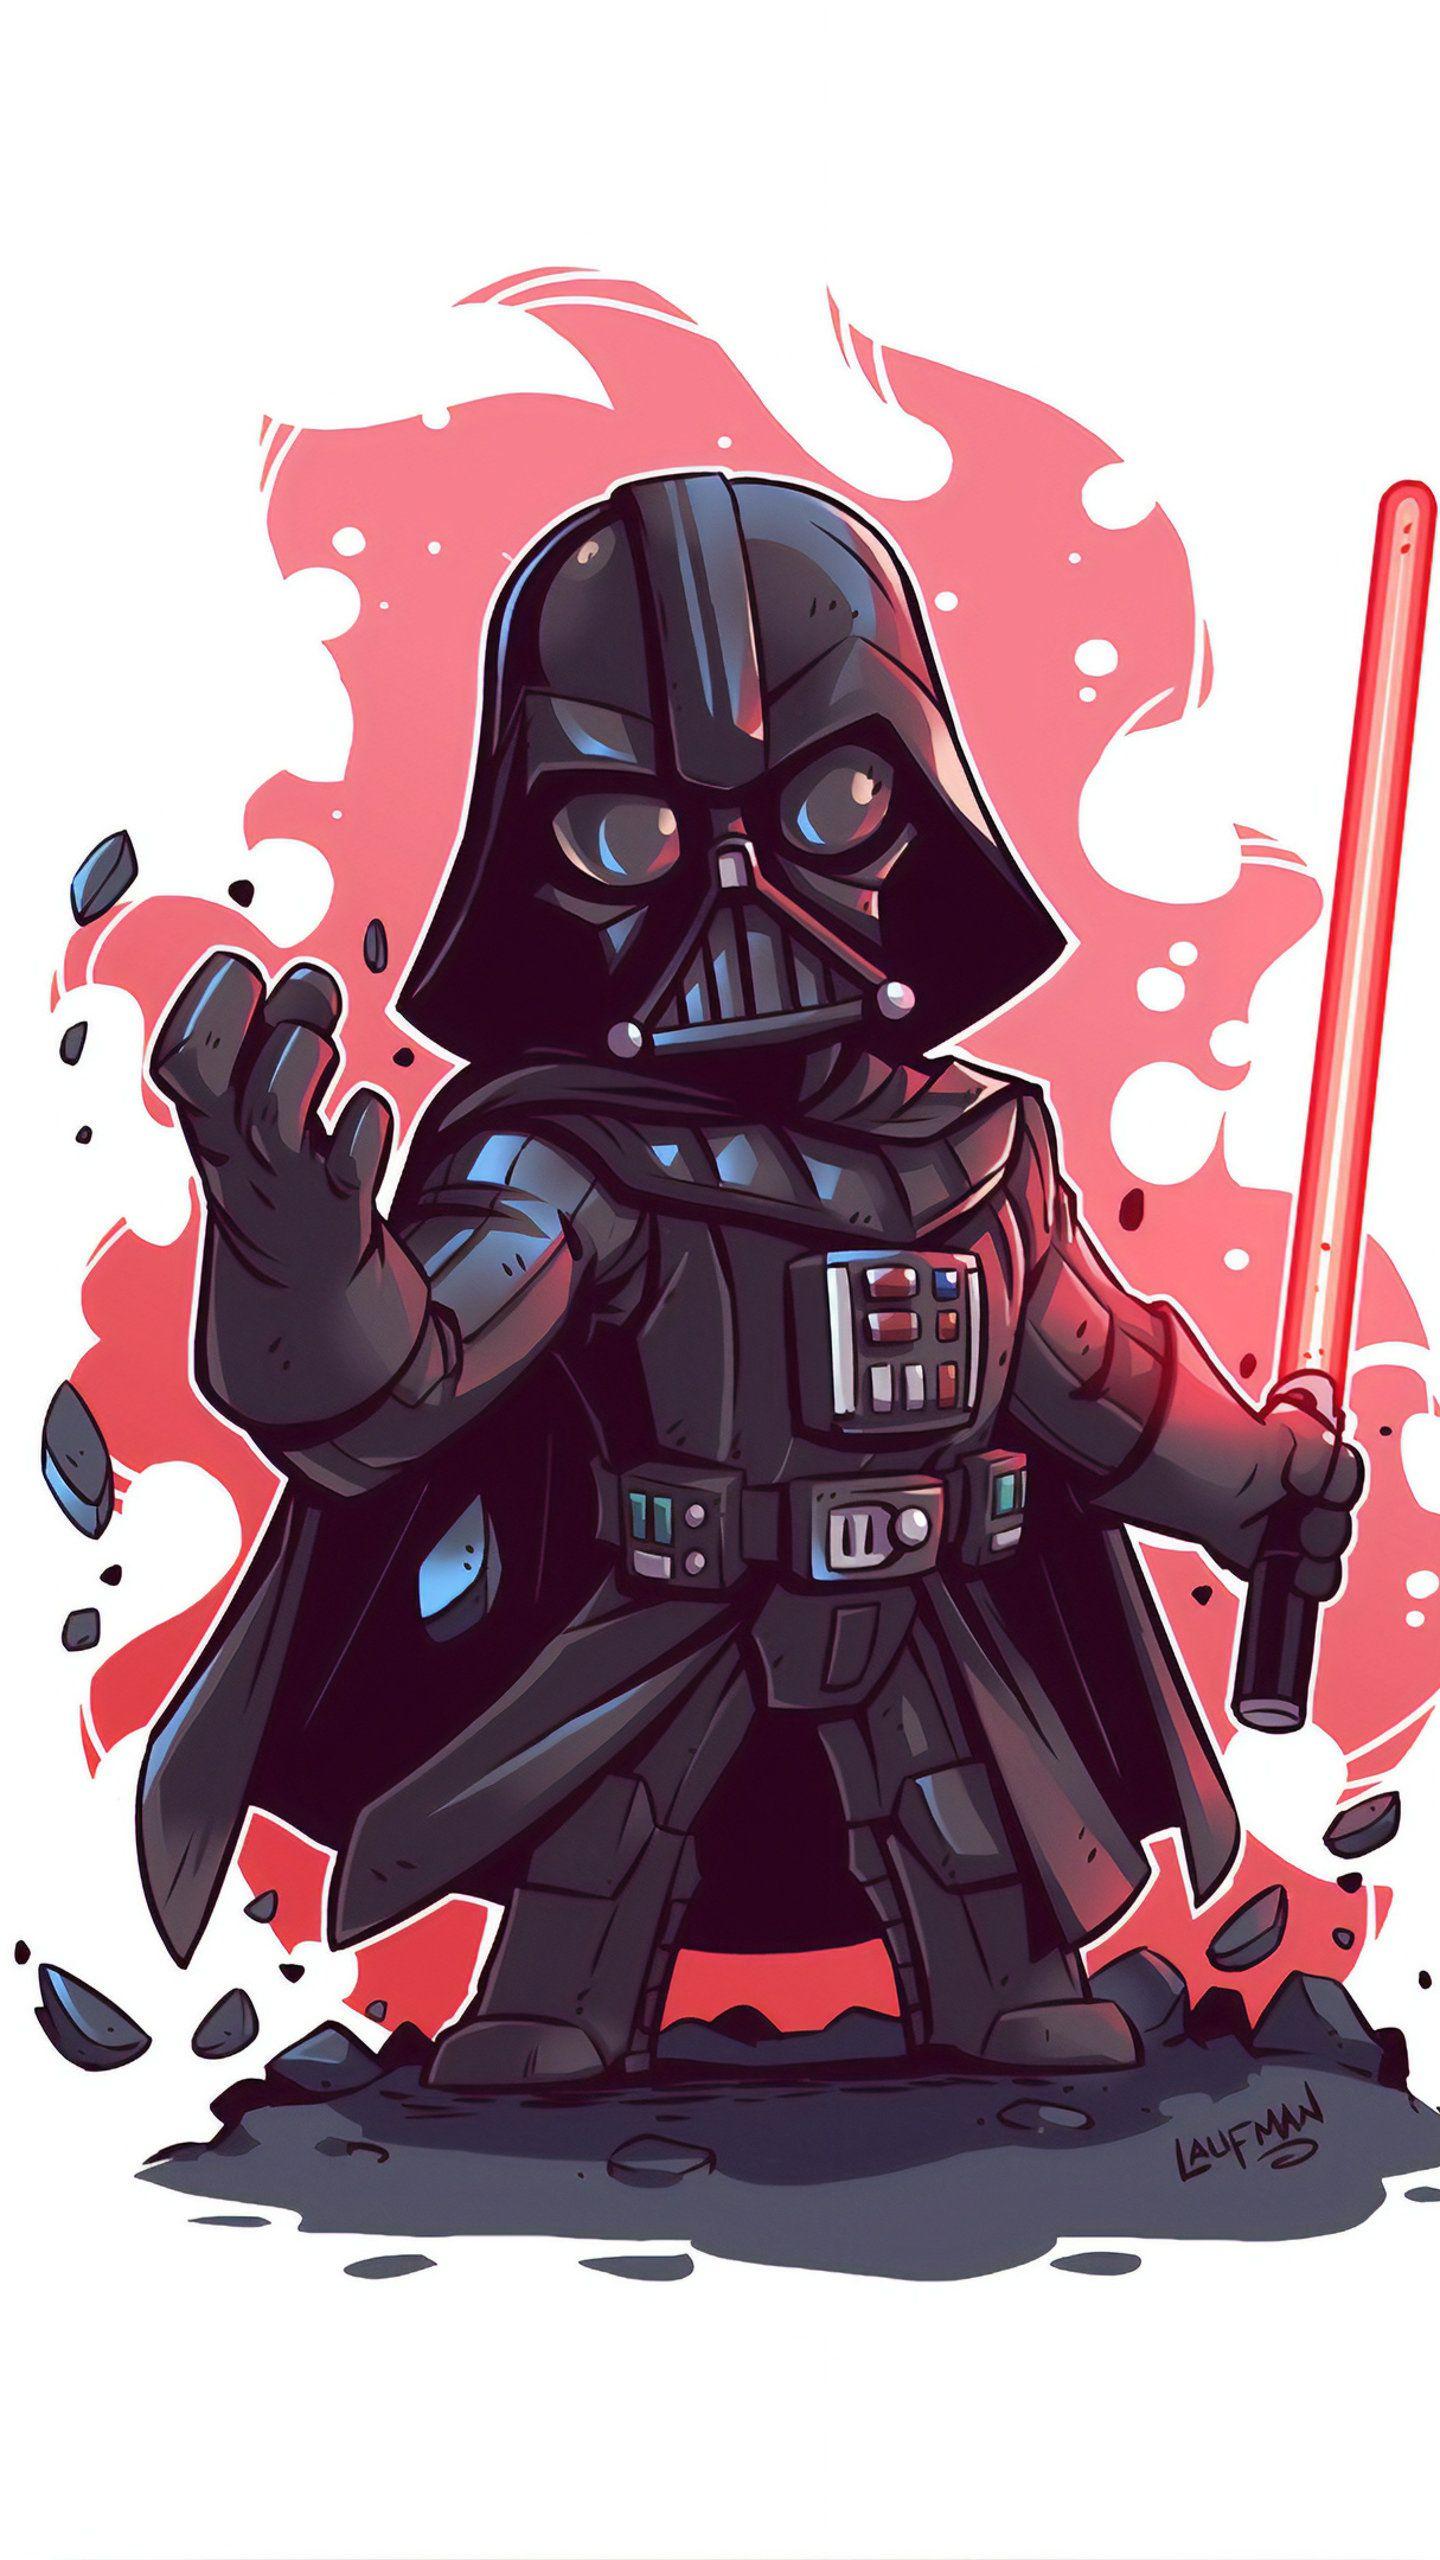 Darth Vader Minimal Art 4K HD Wallpaper in 2020 Star